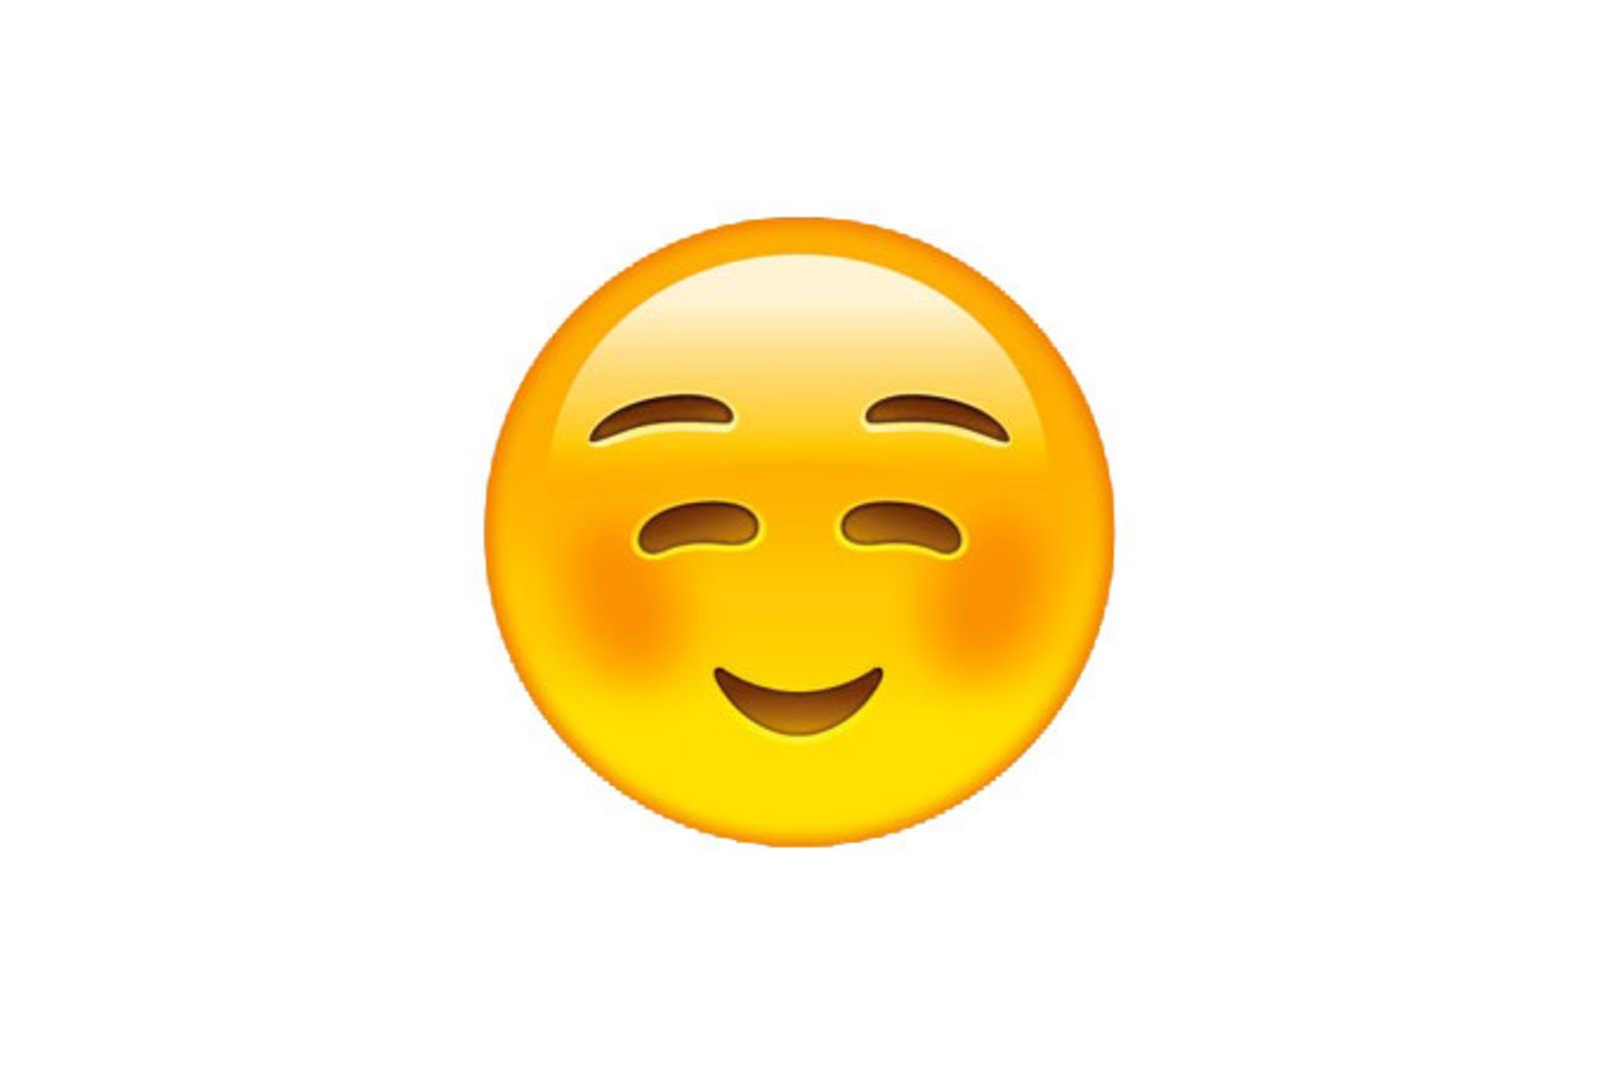 Facebooksymbole Smileysymbol Emojisymbol Emoticon - HD1680×879